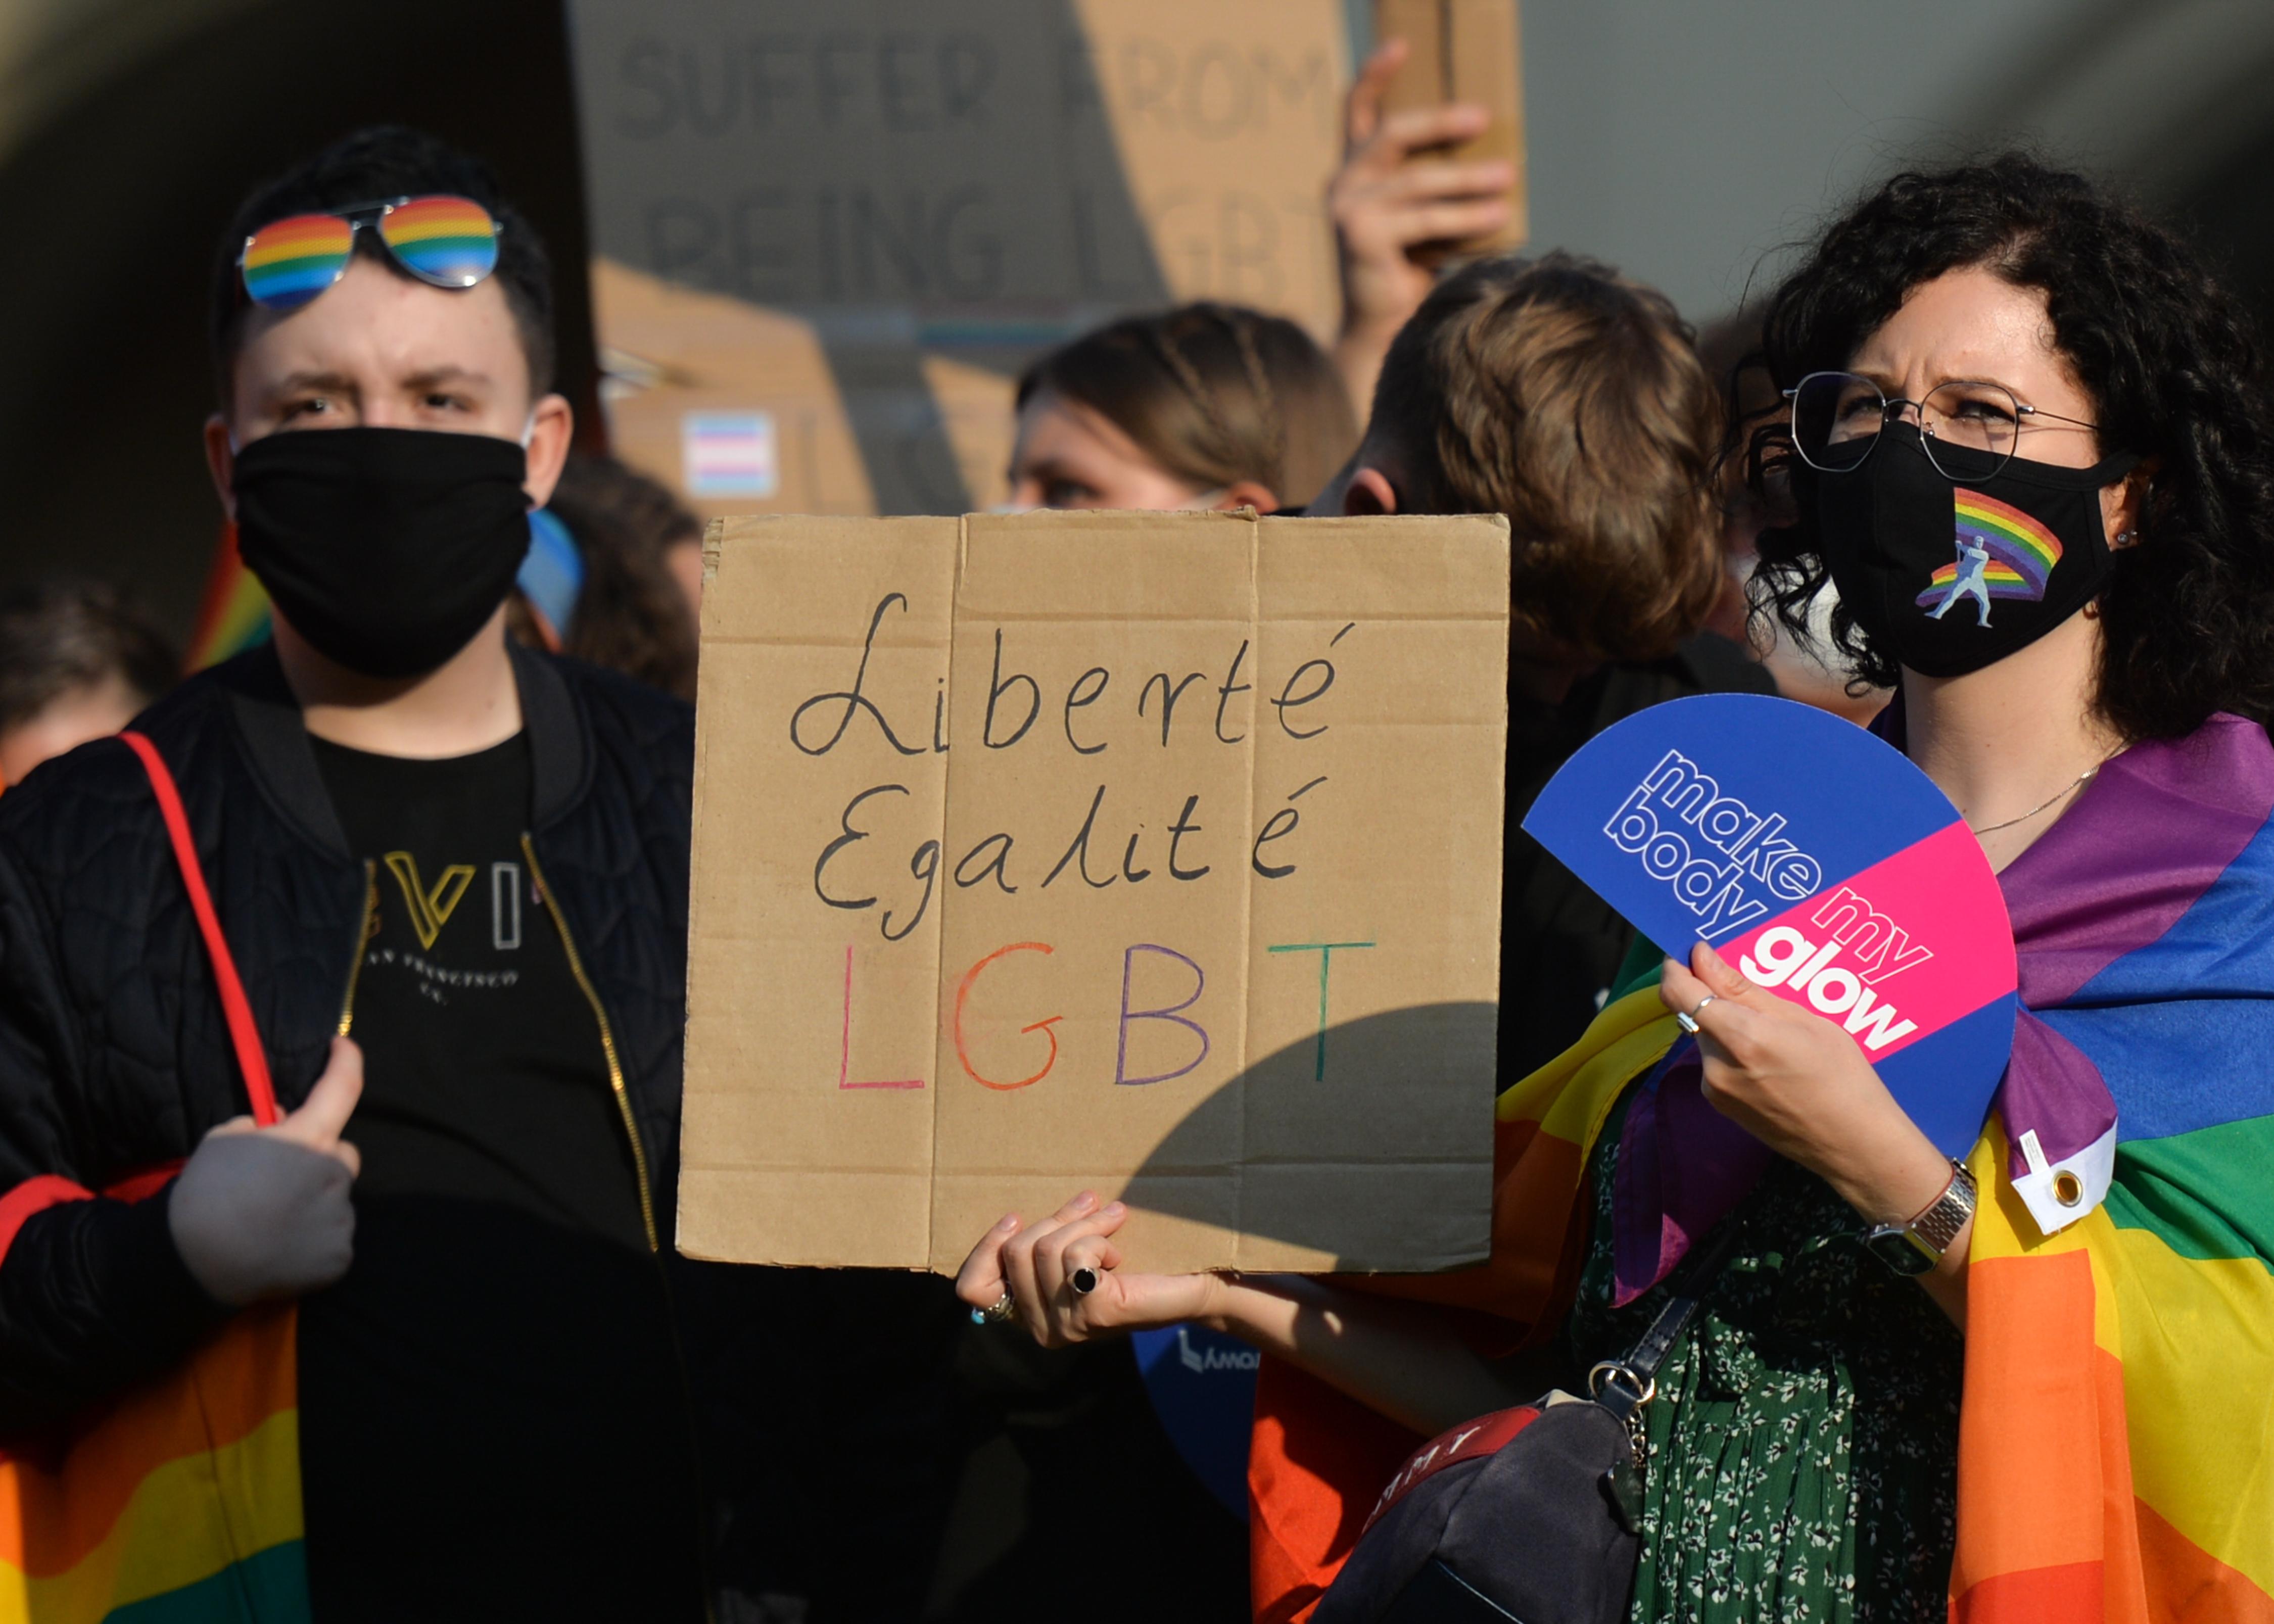 Kiverte a biztosítékot az ENSZ diplomatáinál, ahogyan a kormány védte a szexuális kisebbségeket kirekesztő törvénymódosításait